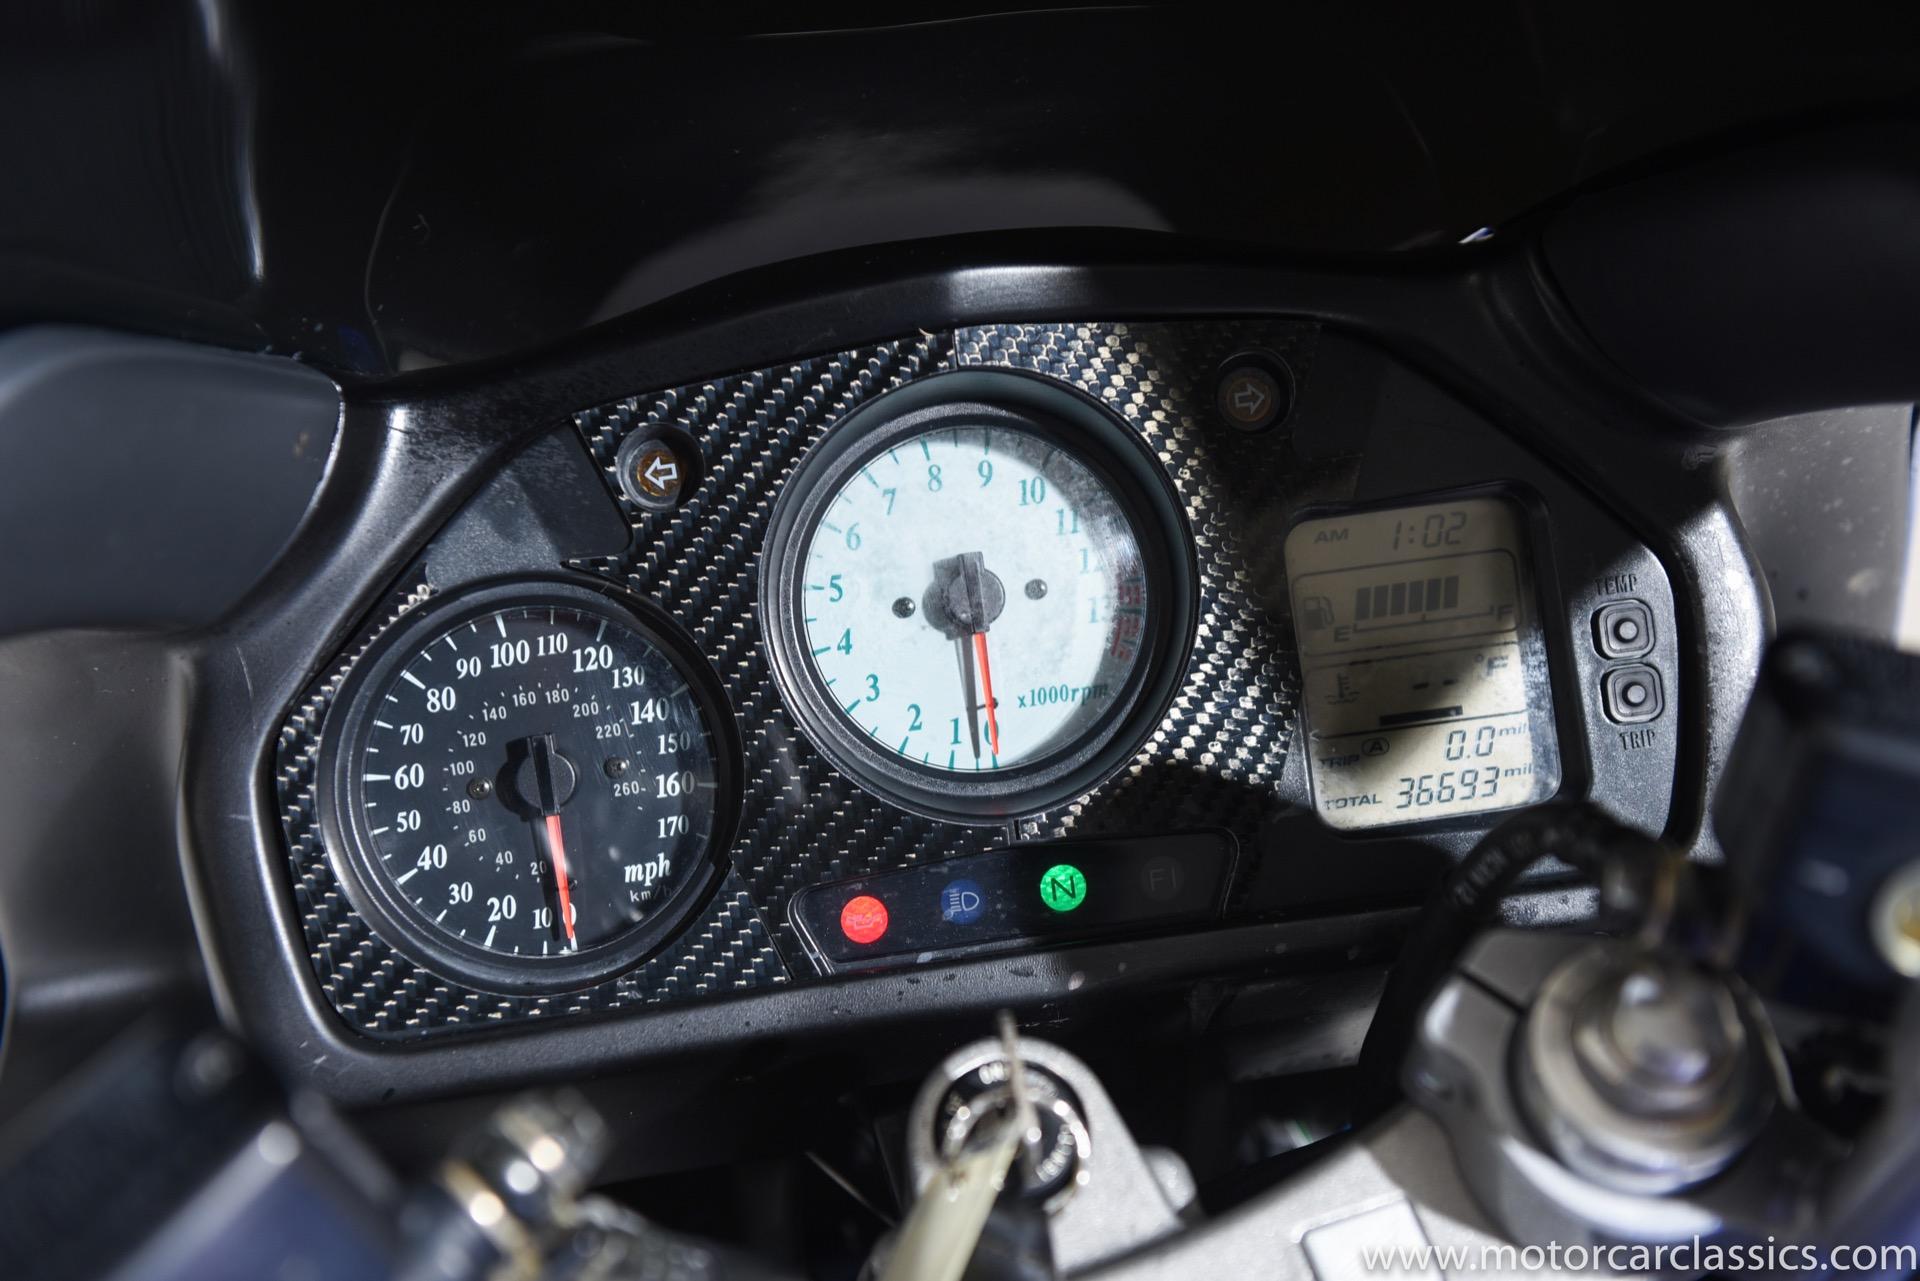 1998 Honda VFR800